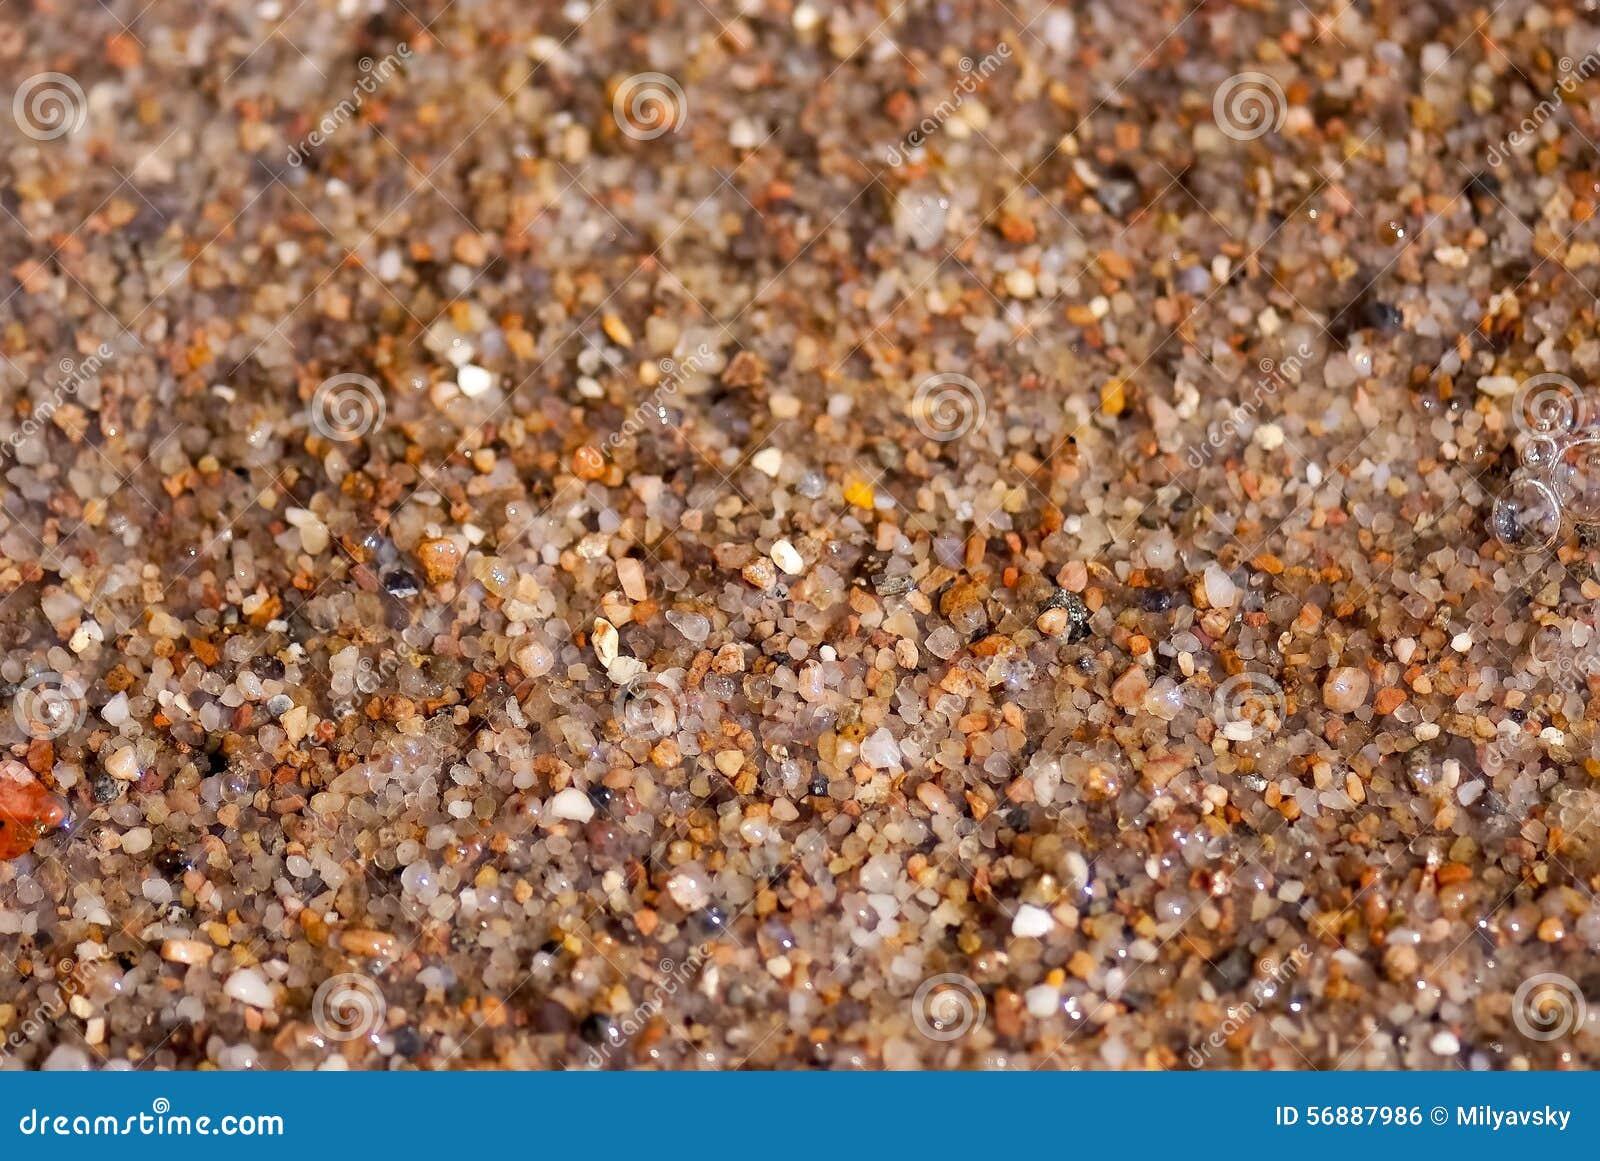 Sabbia di mare bagnata, fine sulla vista